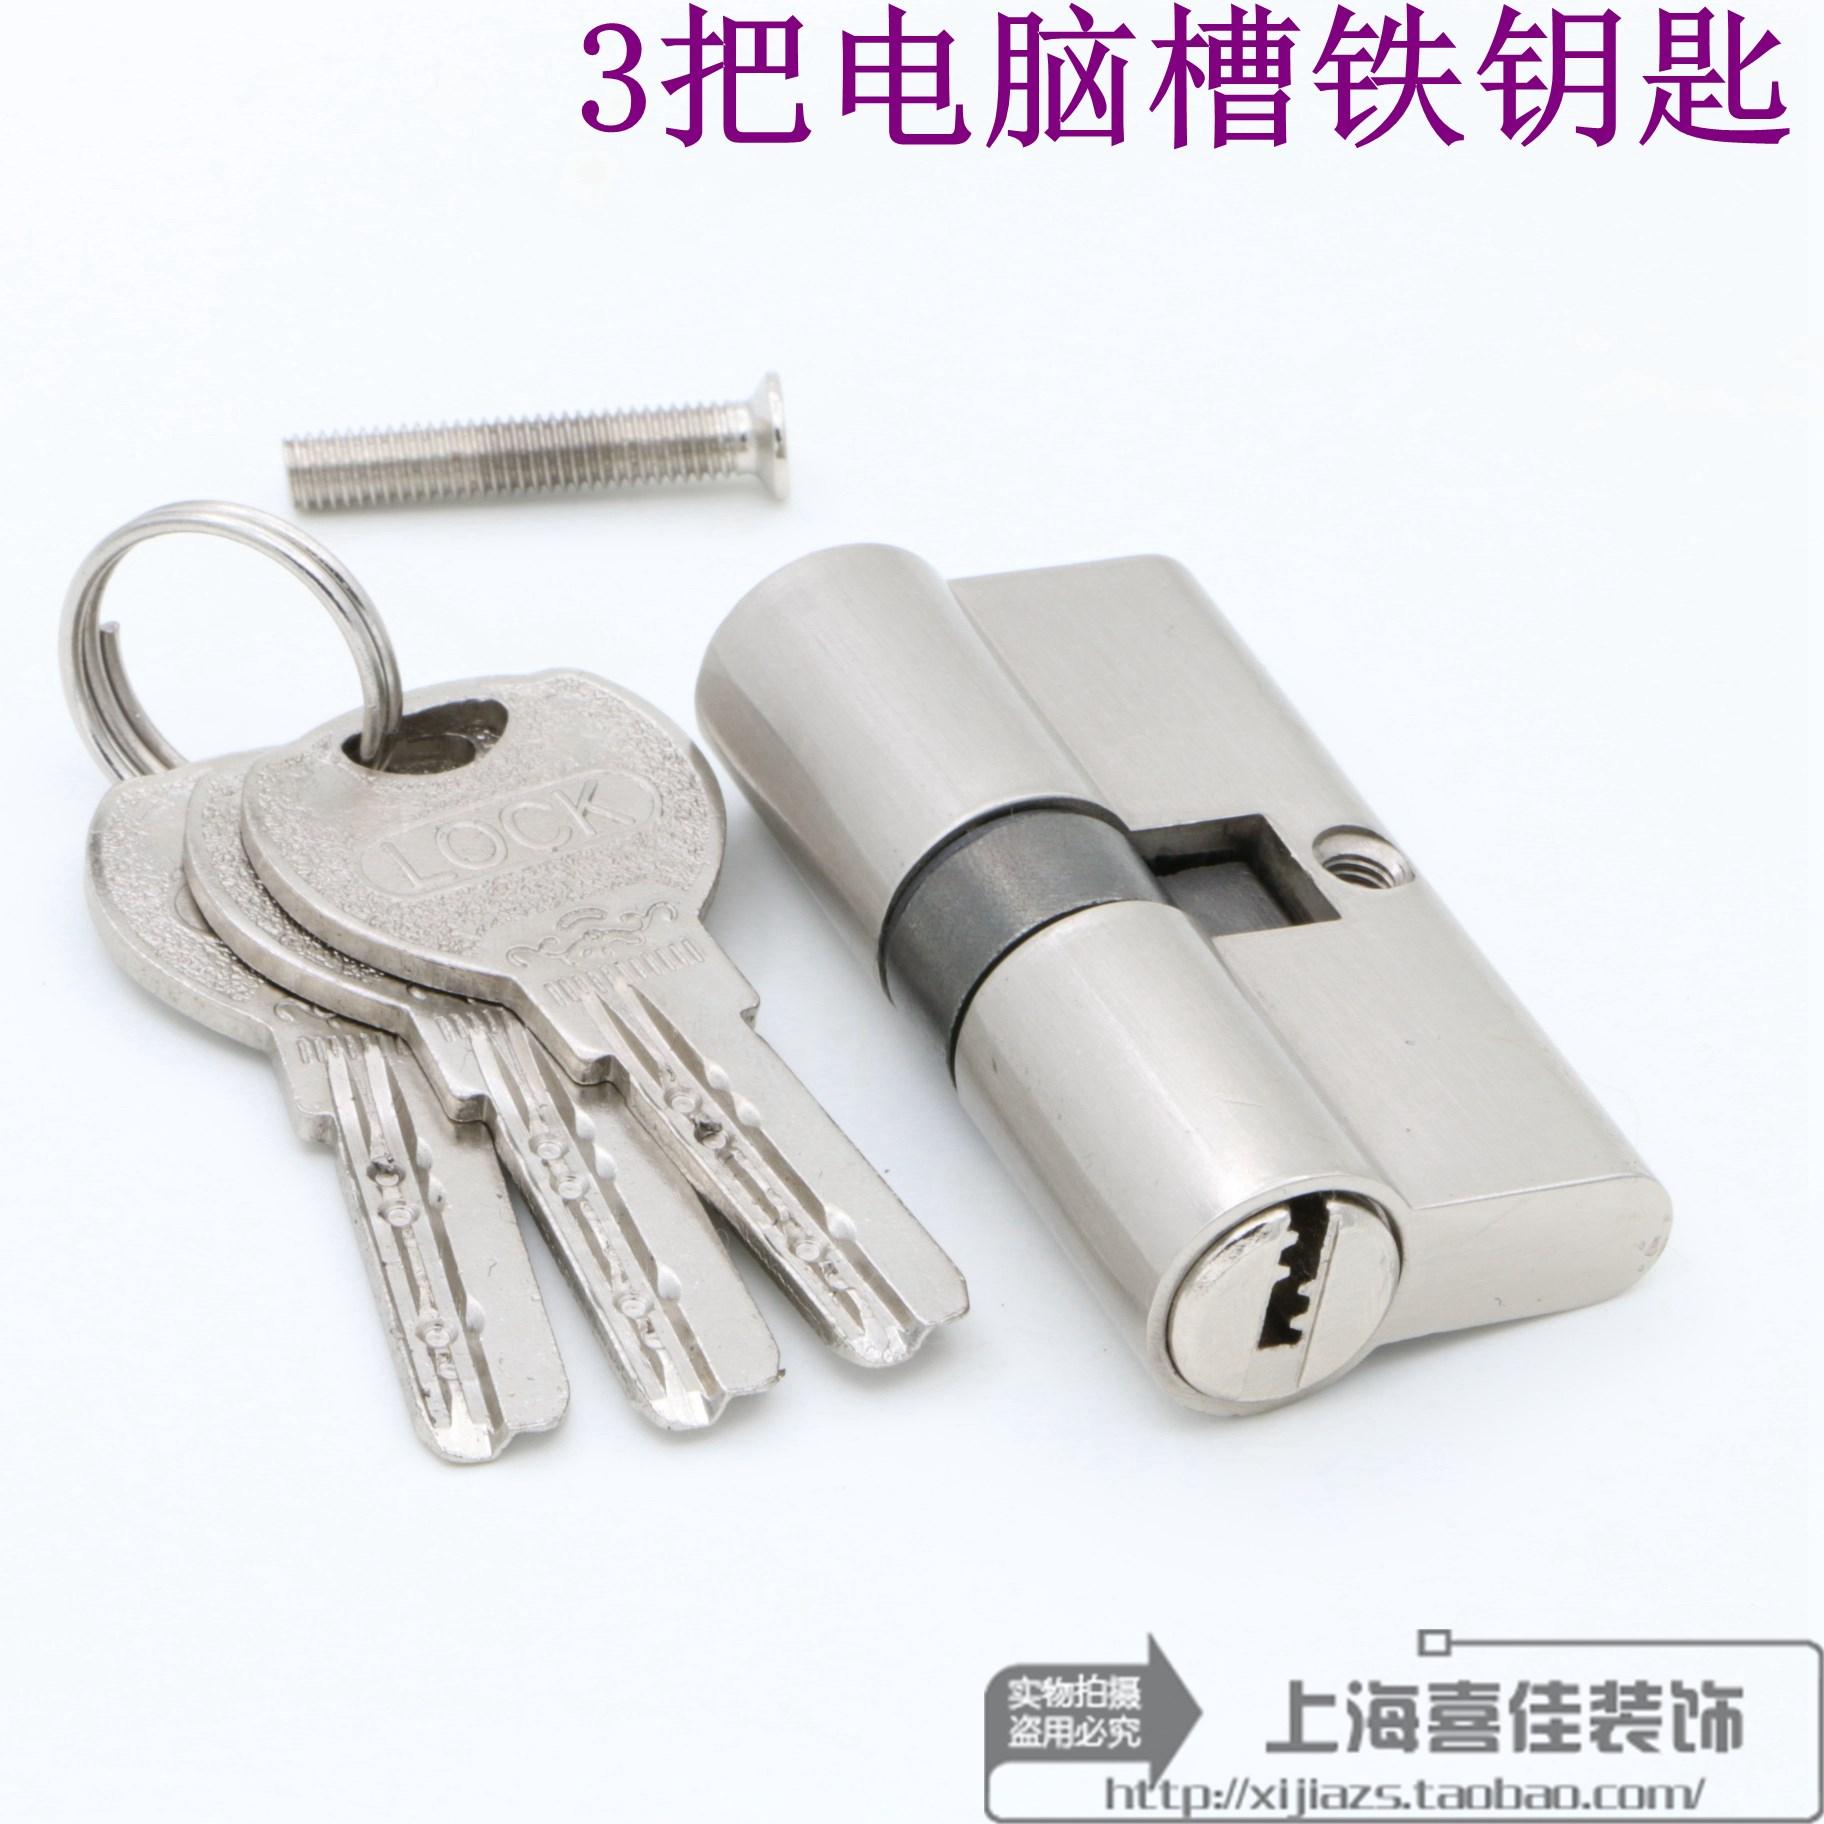 Non incastrare Porta Il corpo della serratura Lingua bile la chiave di Vetro di tipo I con una porta di Vetro a serratura Centrale posta all'interno di un Pacchetto di 60 mm